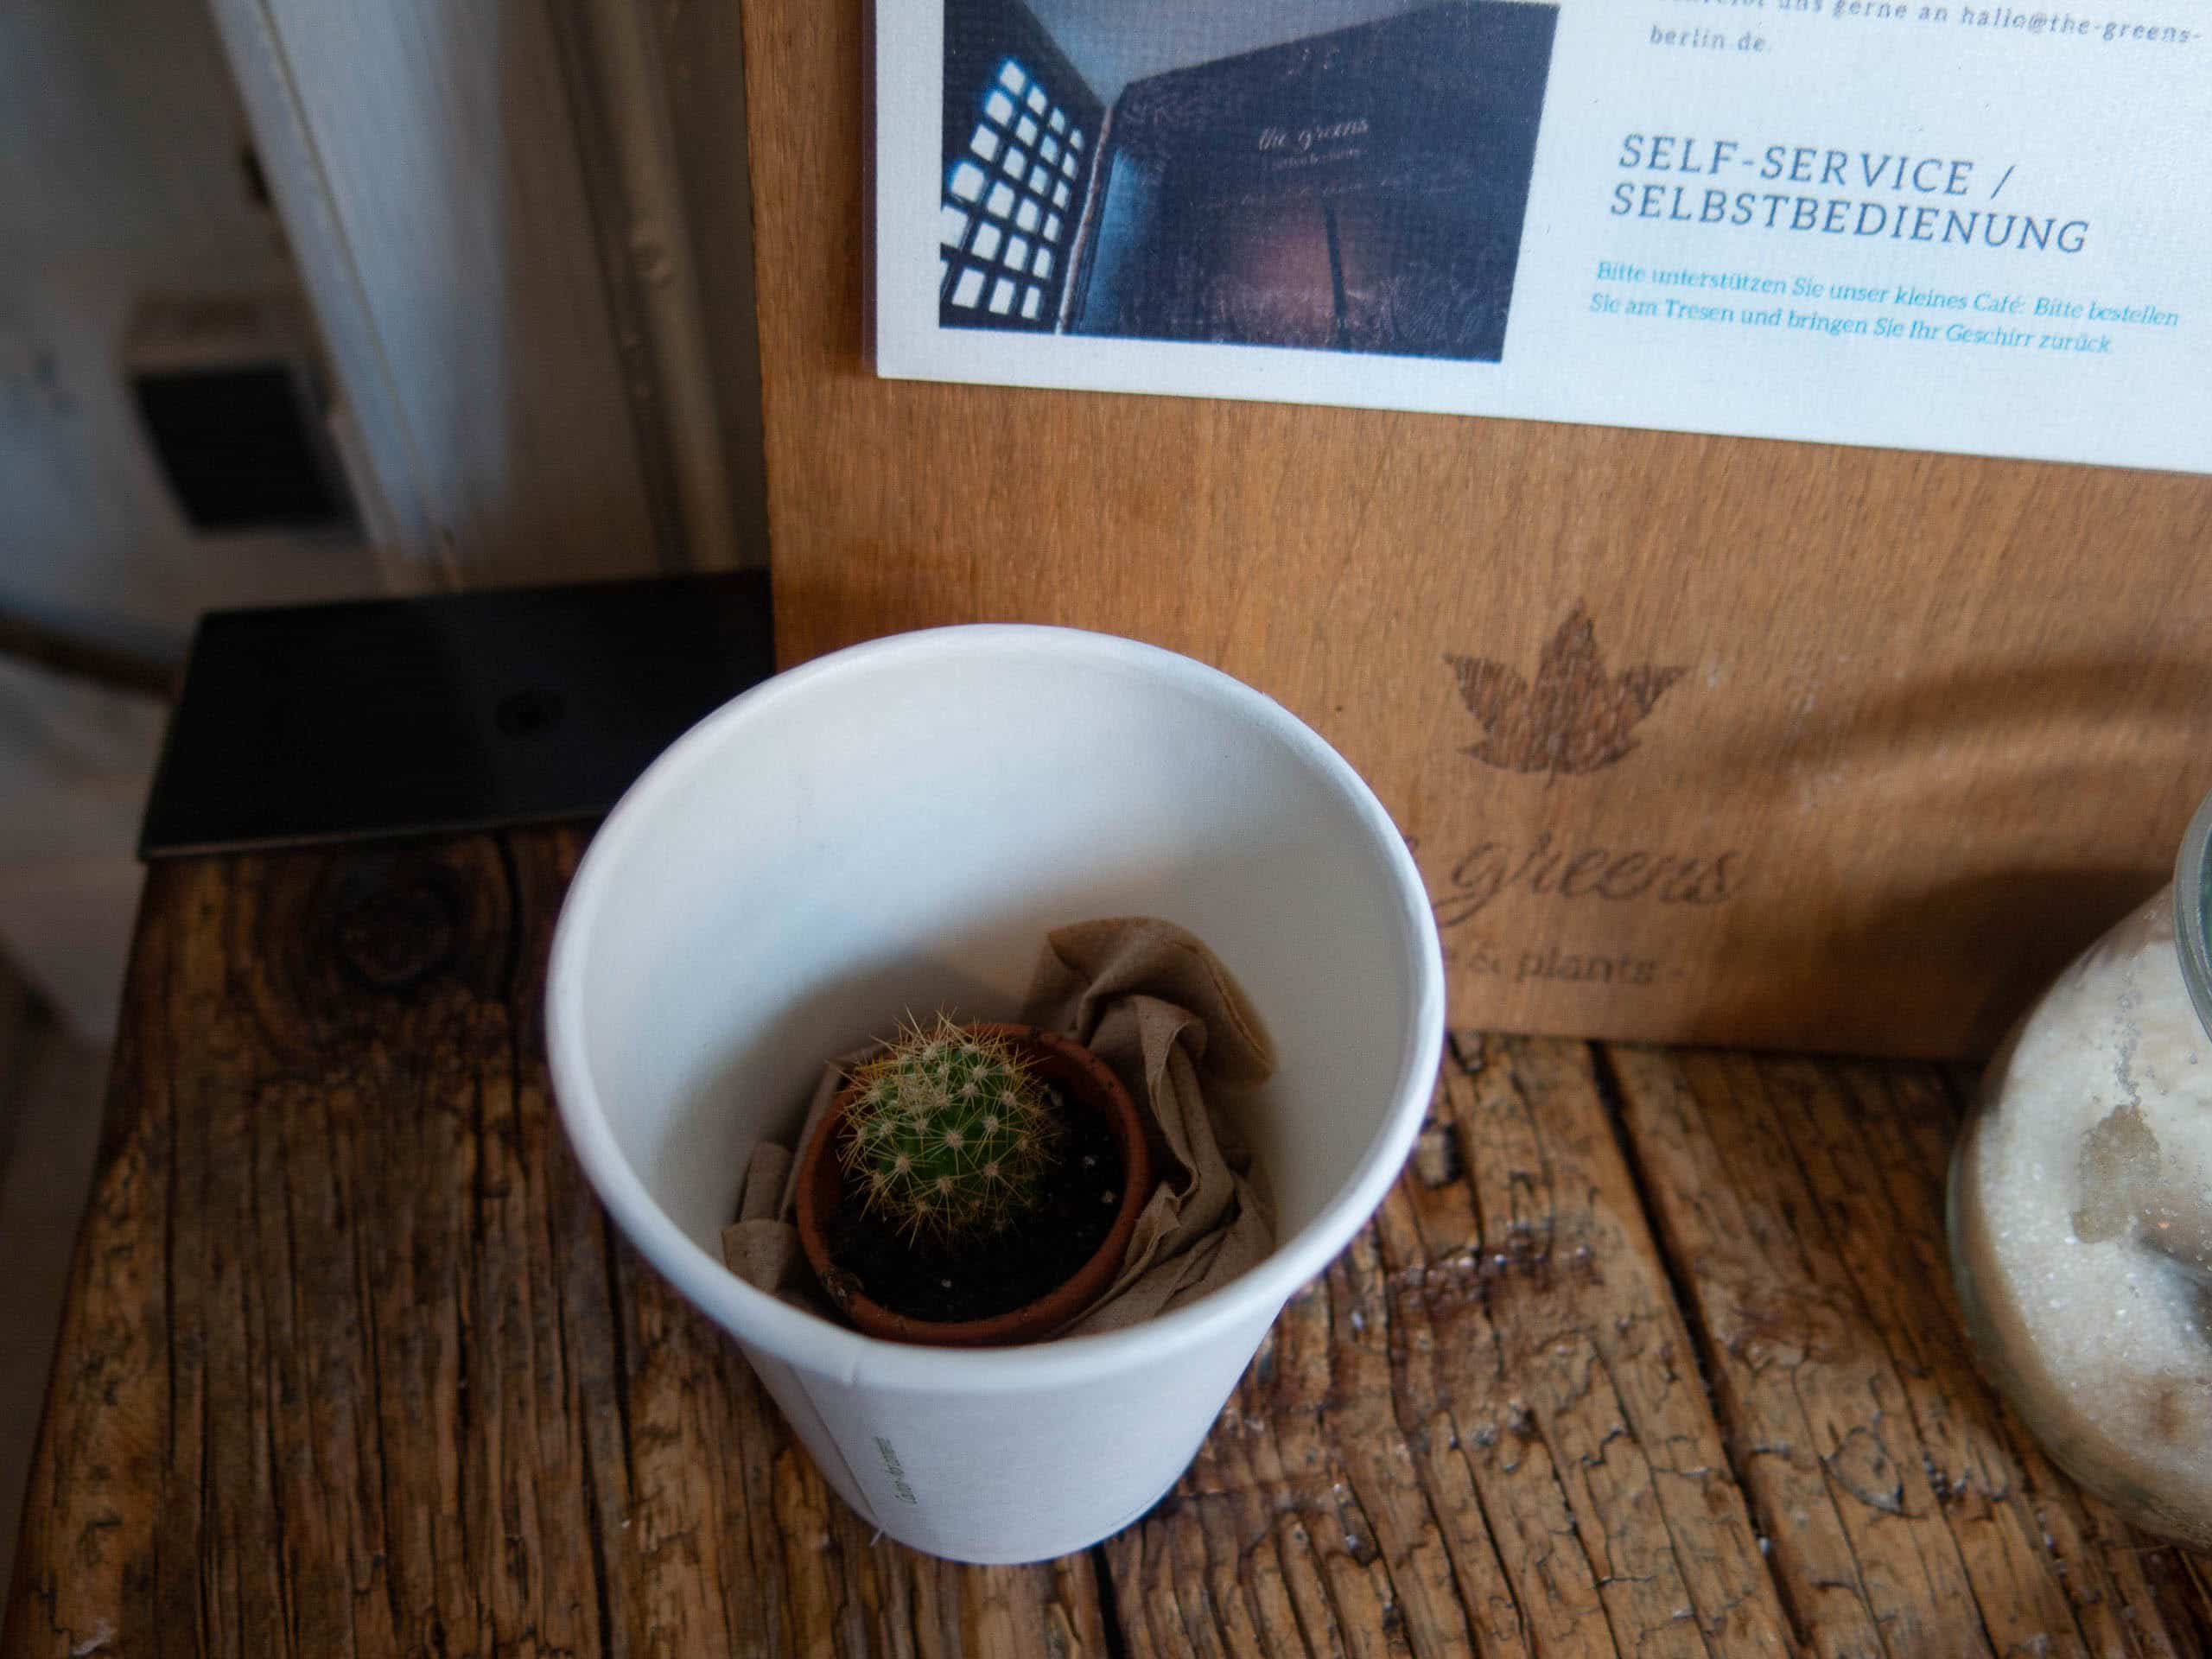 Kaktus im Pappkaffeebecher auf Holztisch